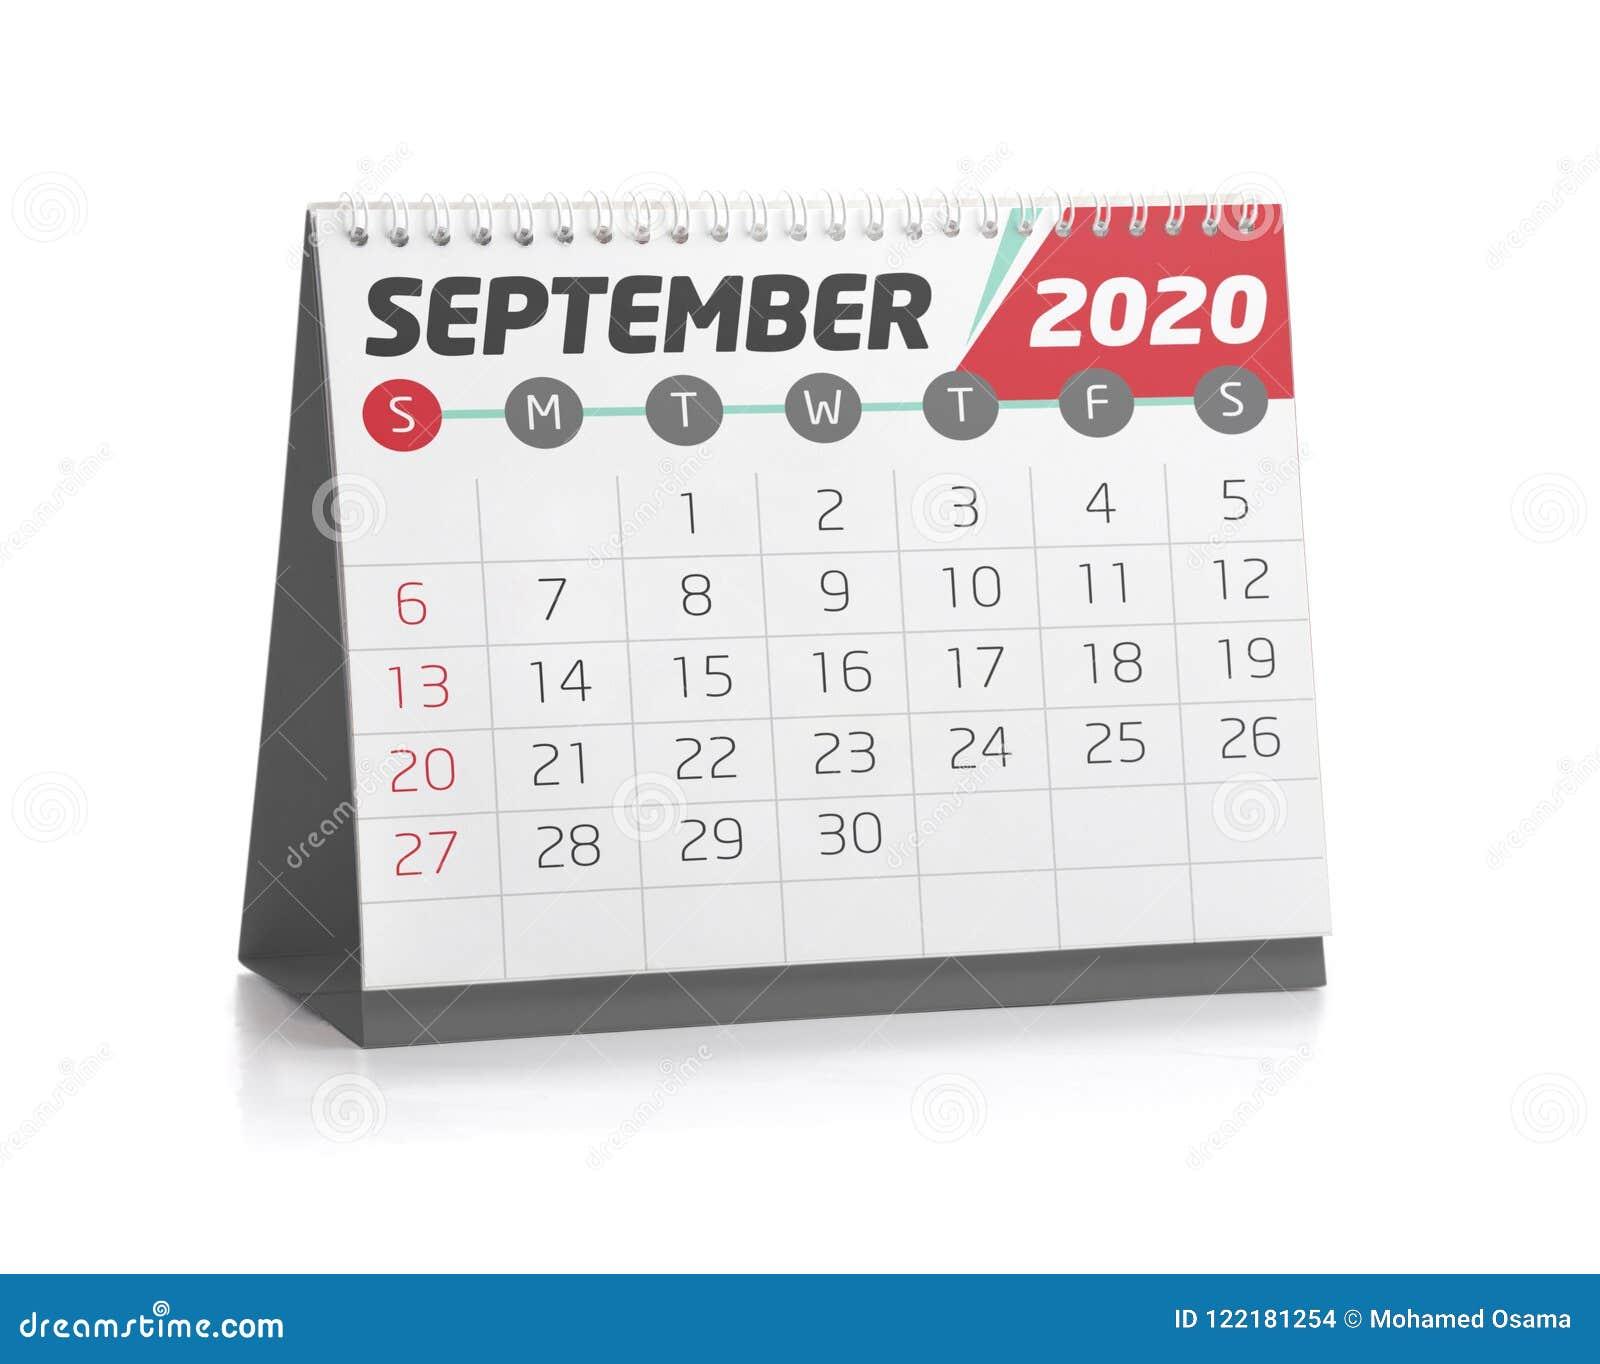 Calendario Sfilate Settembre 2020.Calendario Di Settembre 2020 Calendario 2020